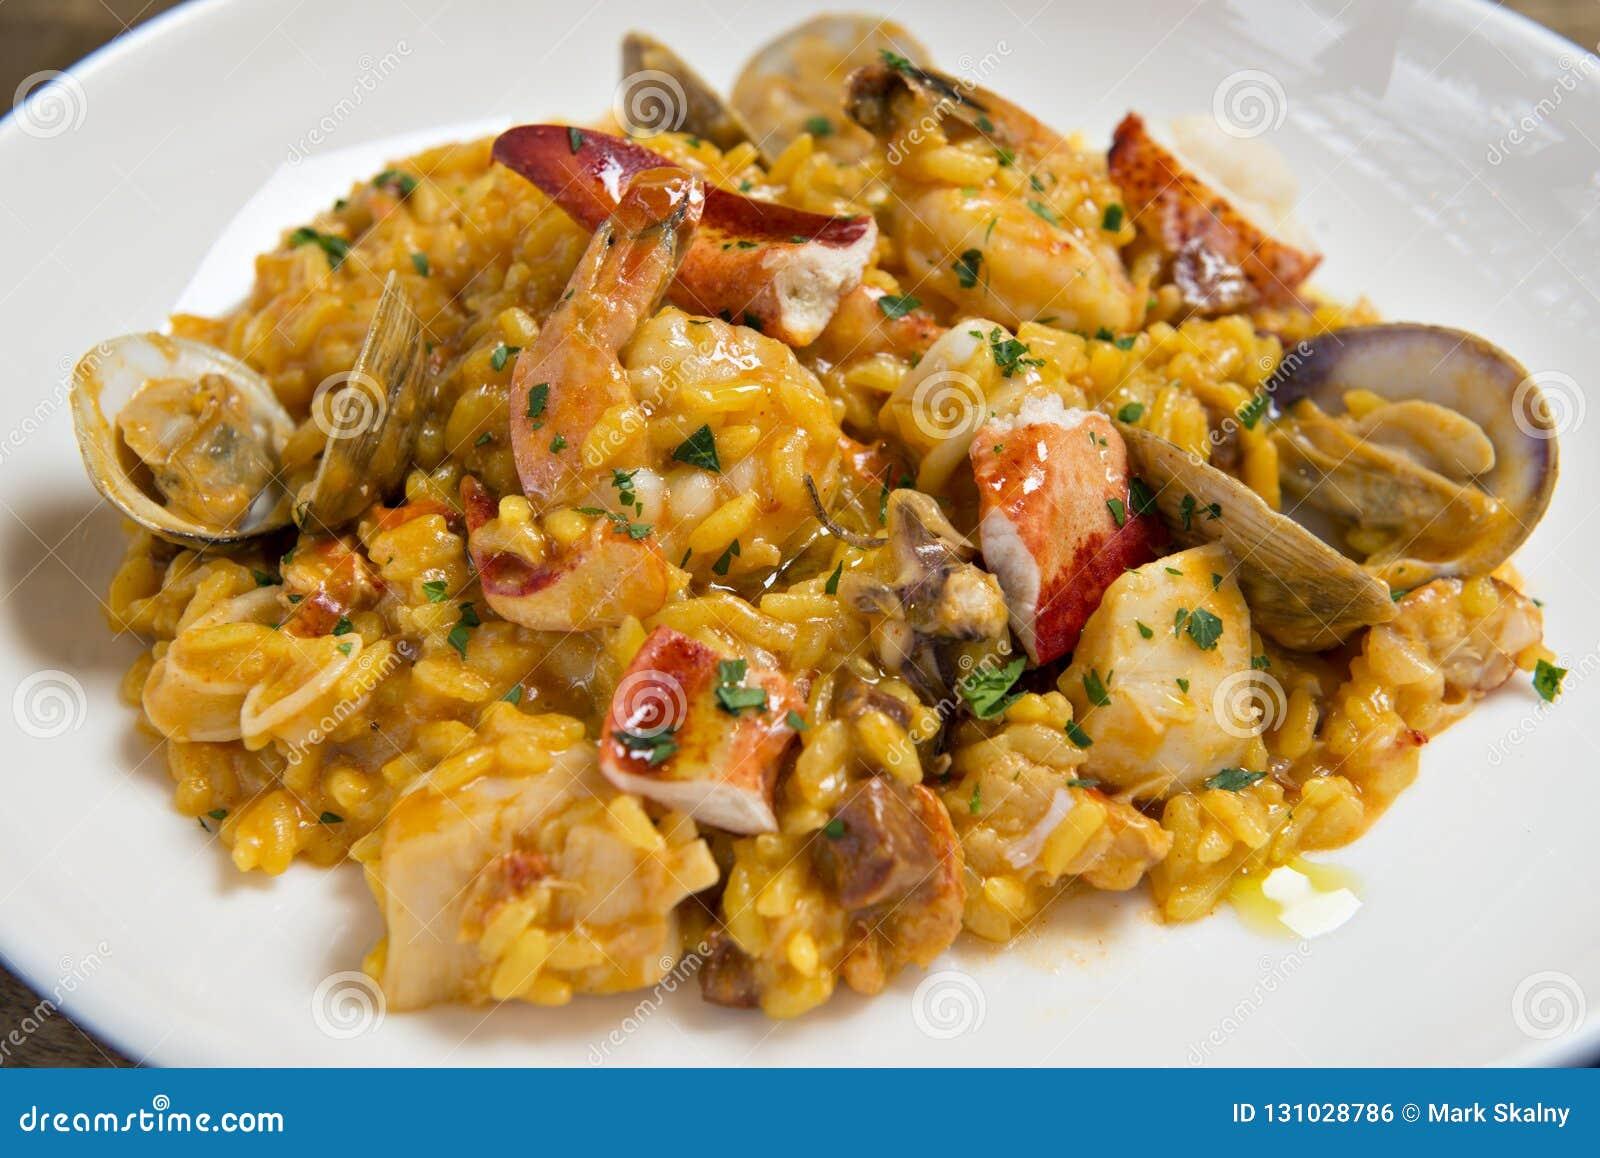 Spanischer Meeresfrüchte Risotto